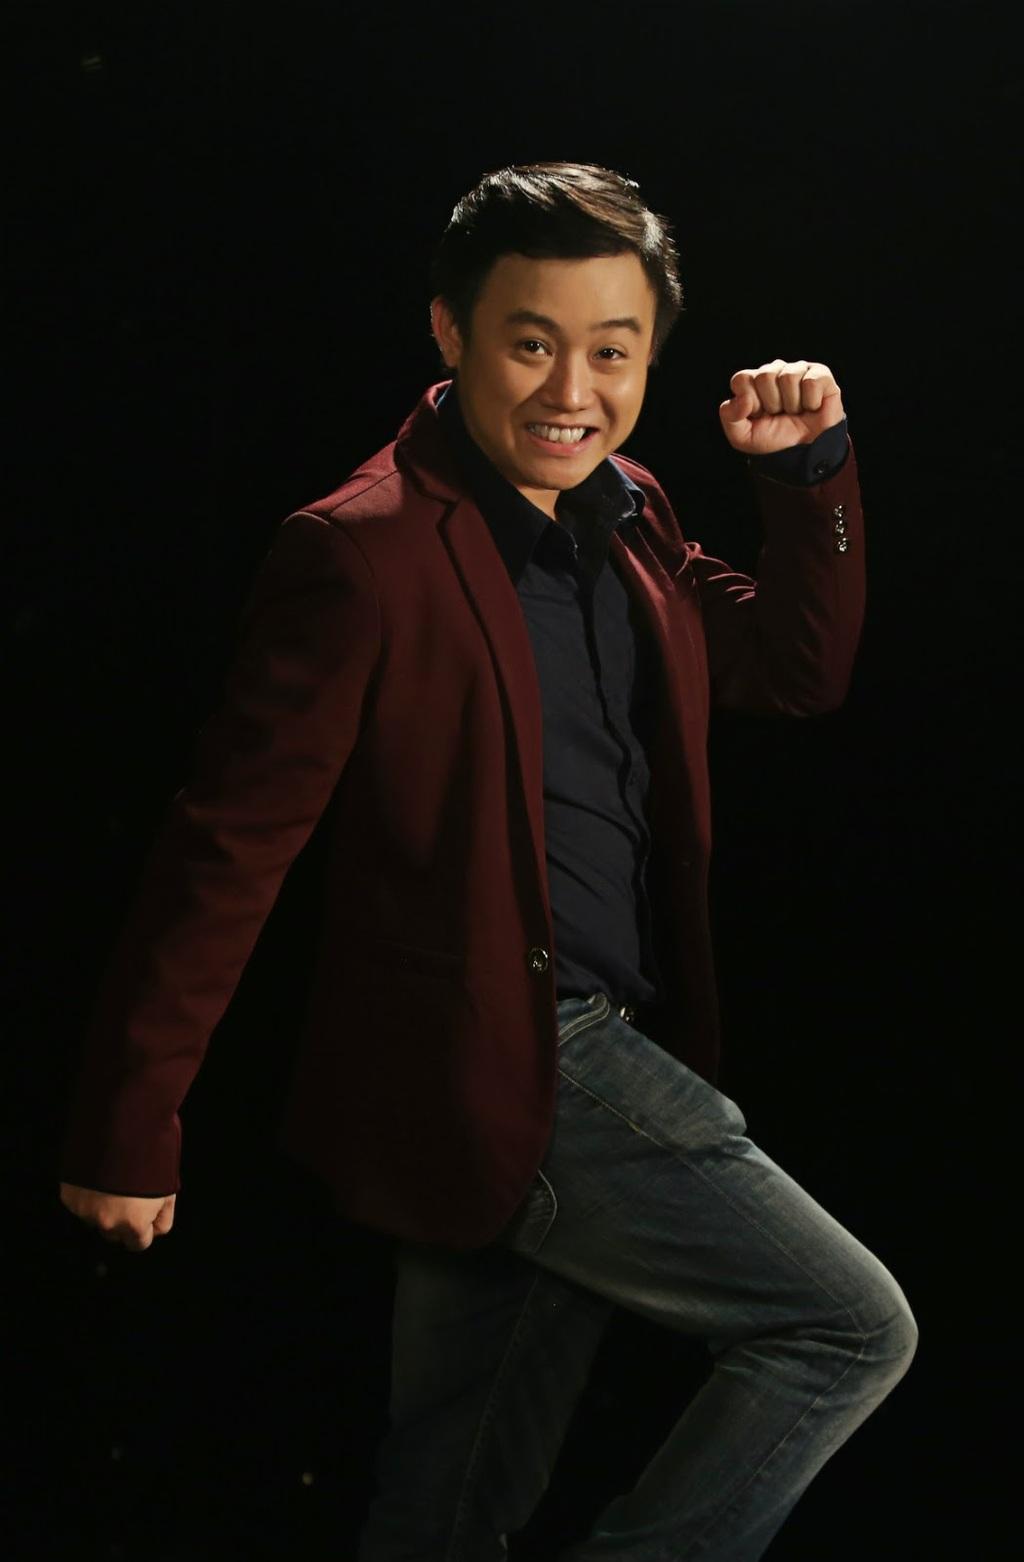 Diễn viên Hữu Tín lần đầu công khai bạn gái trên sóng truyền hình, nhan sắc cô nàng gây choáng